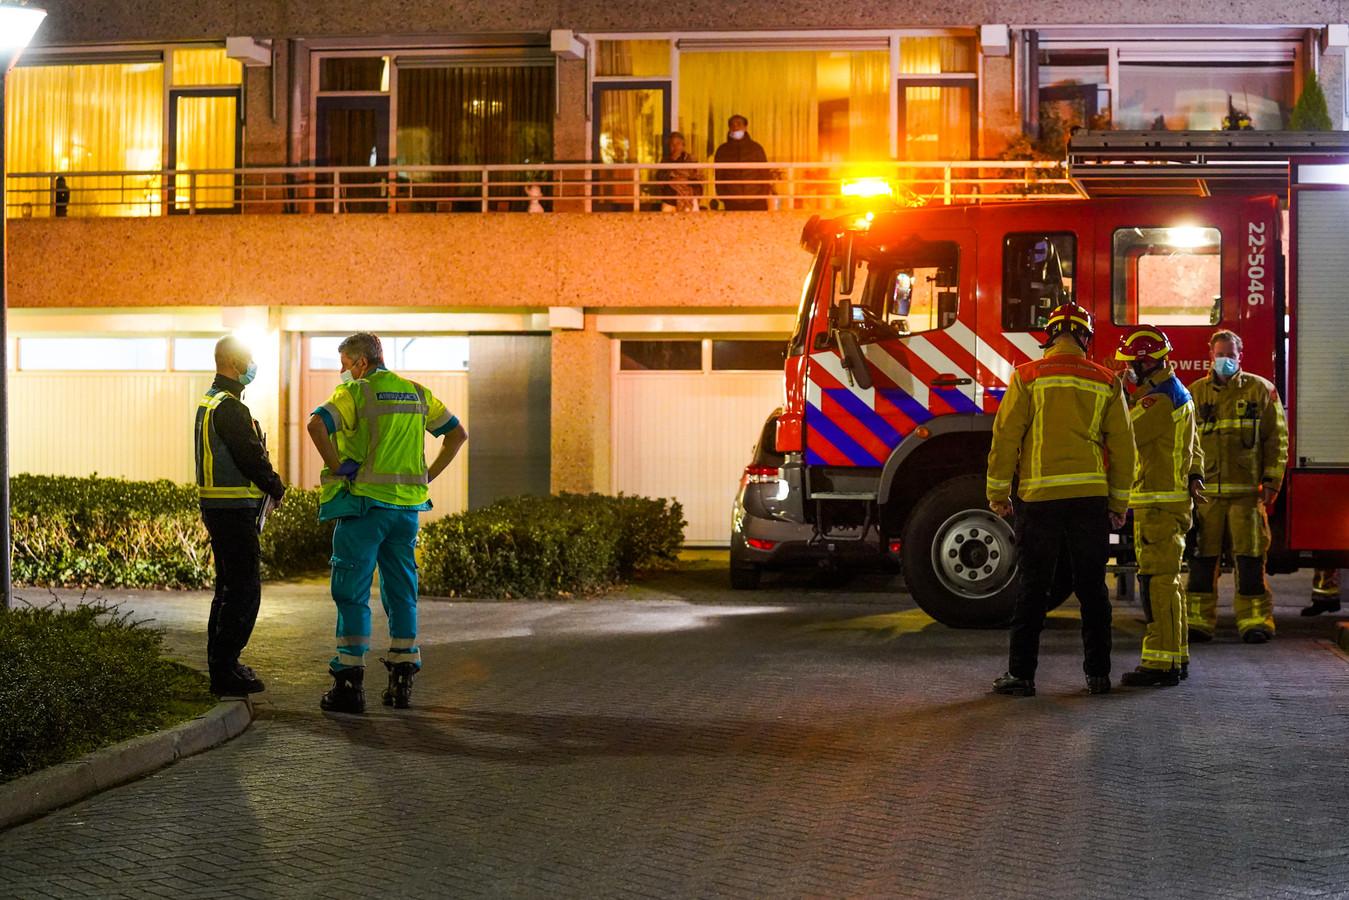 Twee medewerkers van het zorgcentrum zijn door ambulancemedewerkers nagekeken omdat zij rook binnen hebben gekregen.